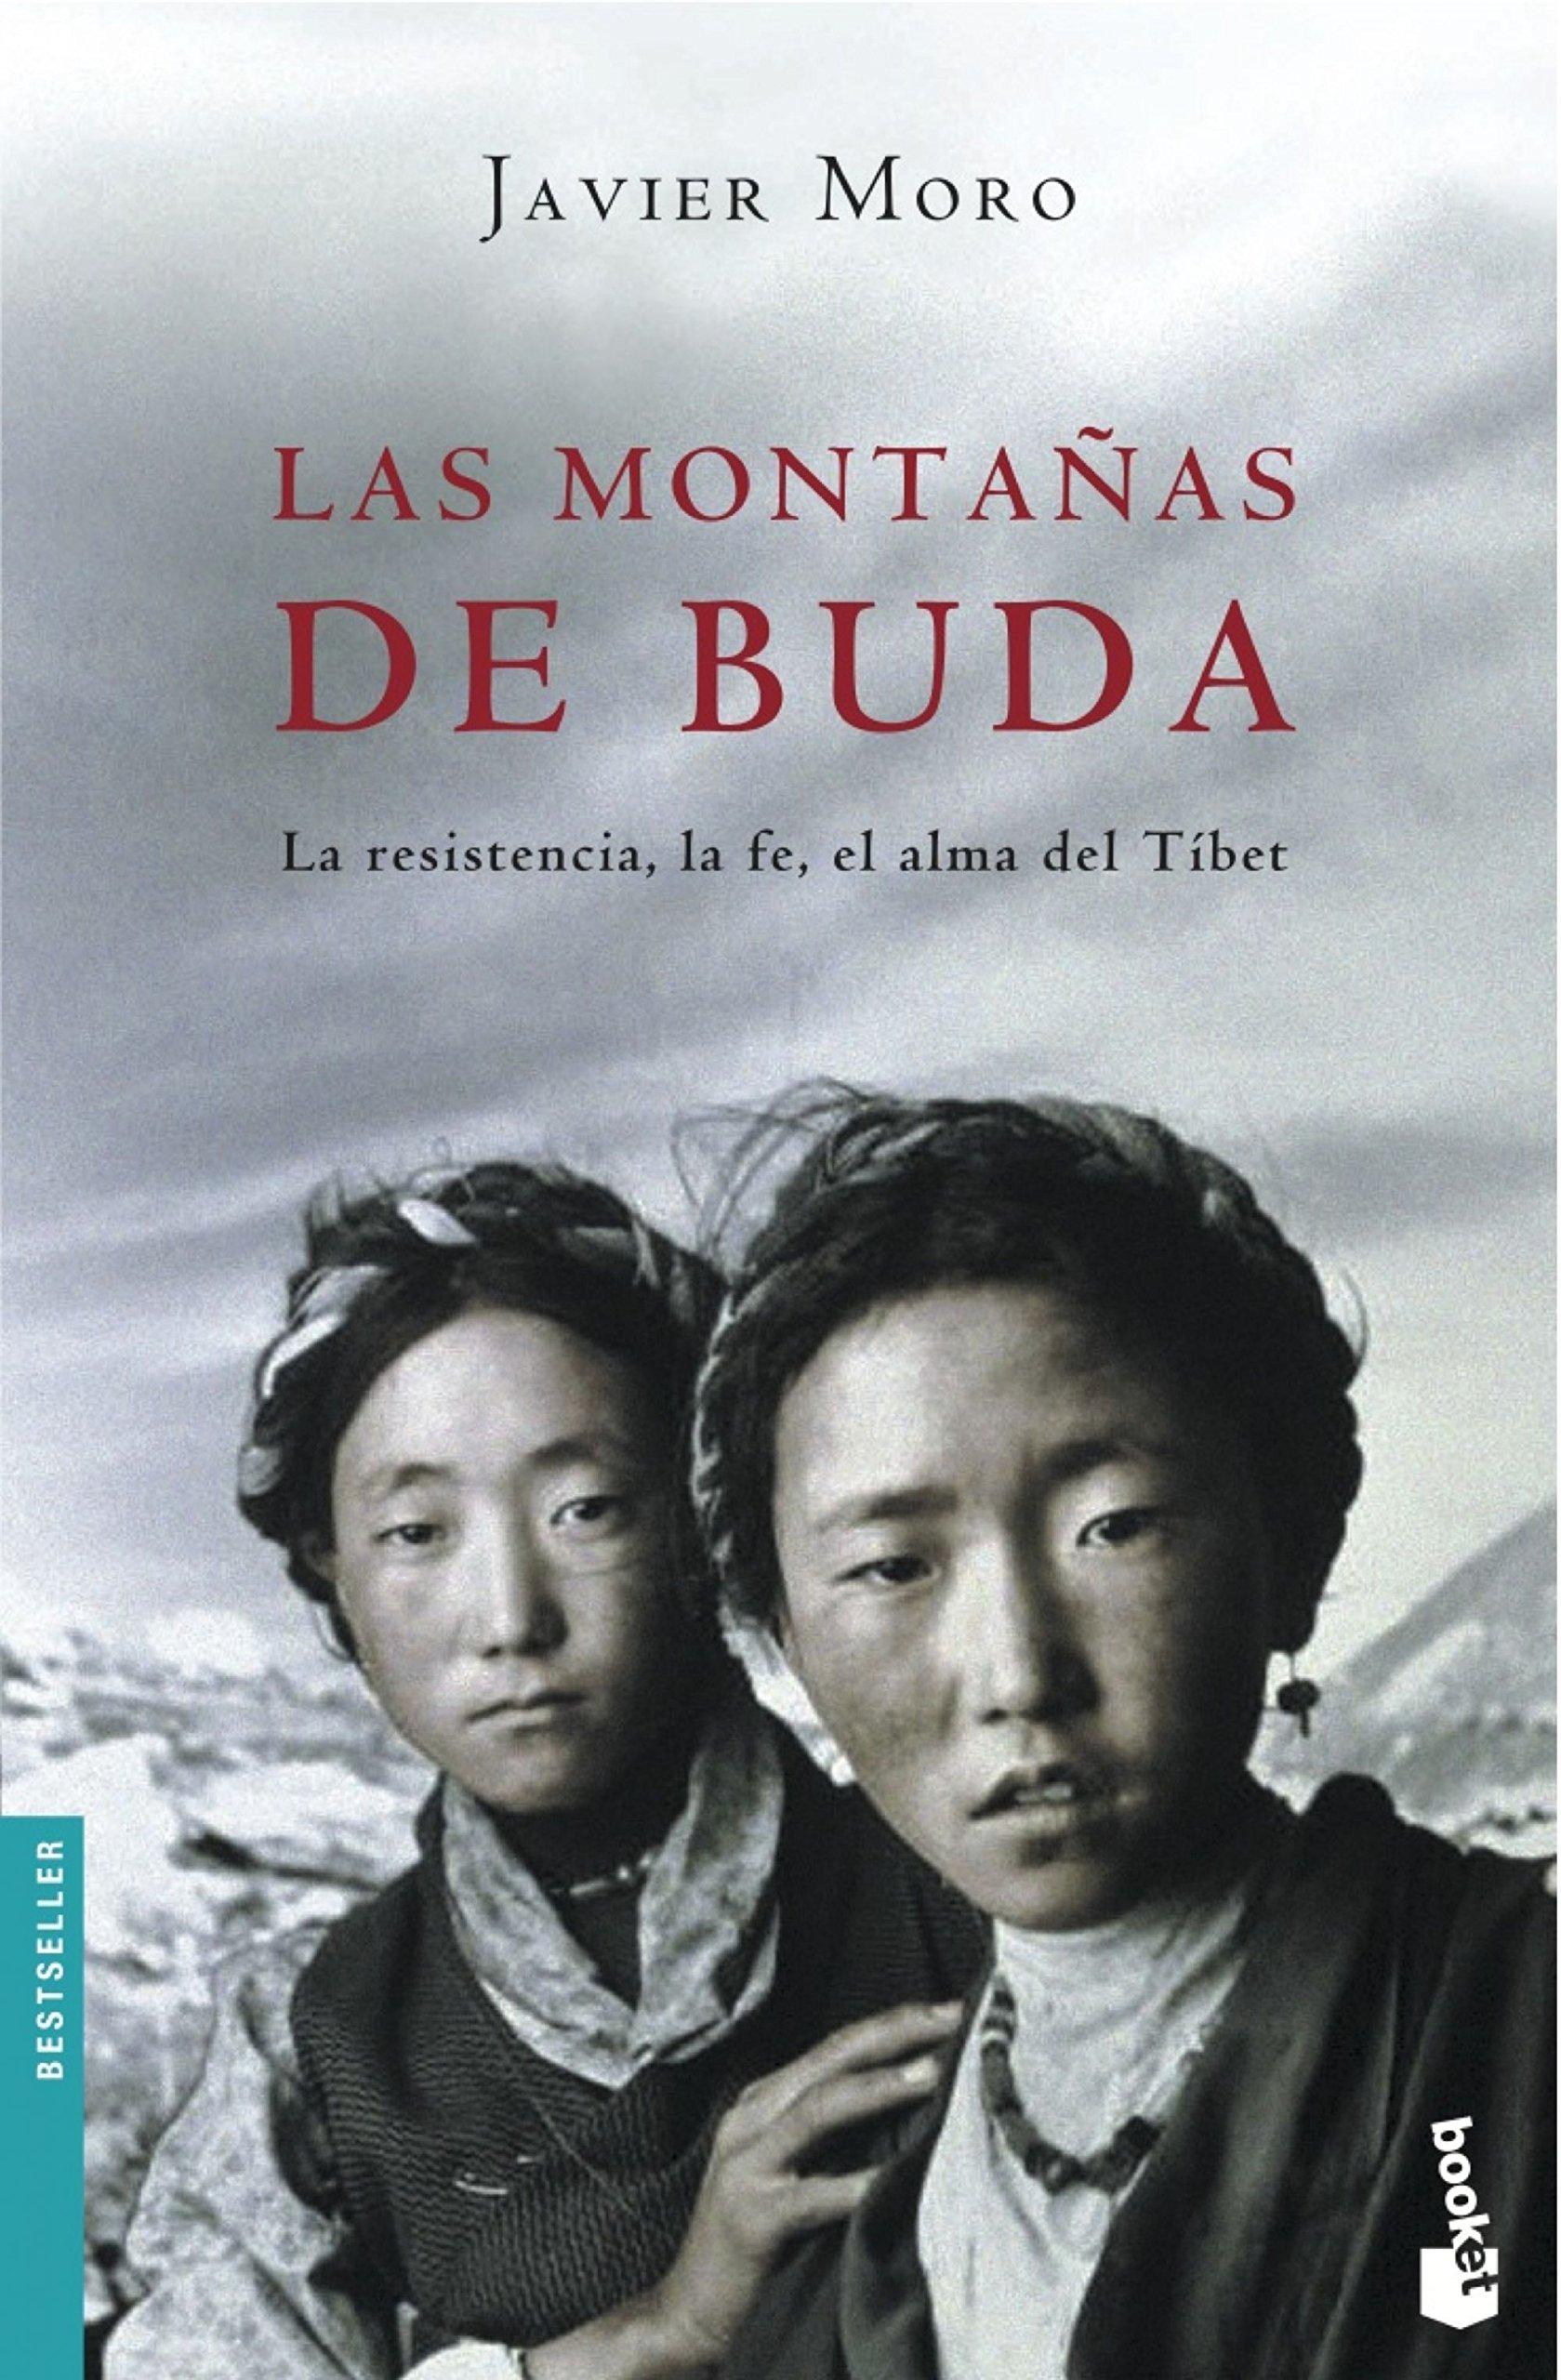 Las montañas de Buda (Bestseller): Amazon.es: Moro, Javier: Libros